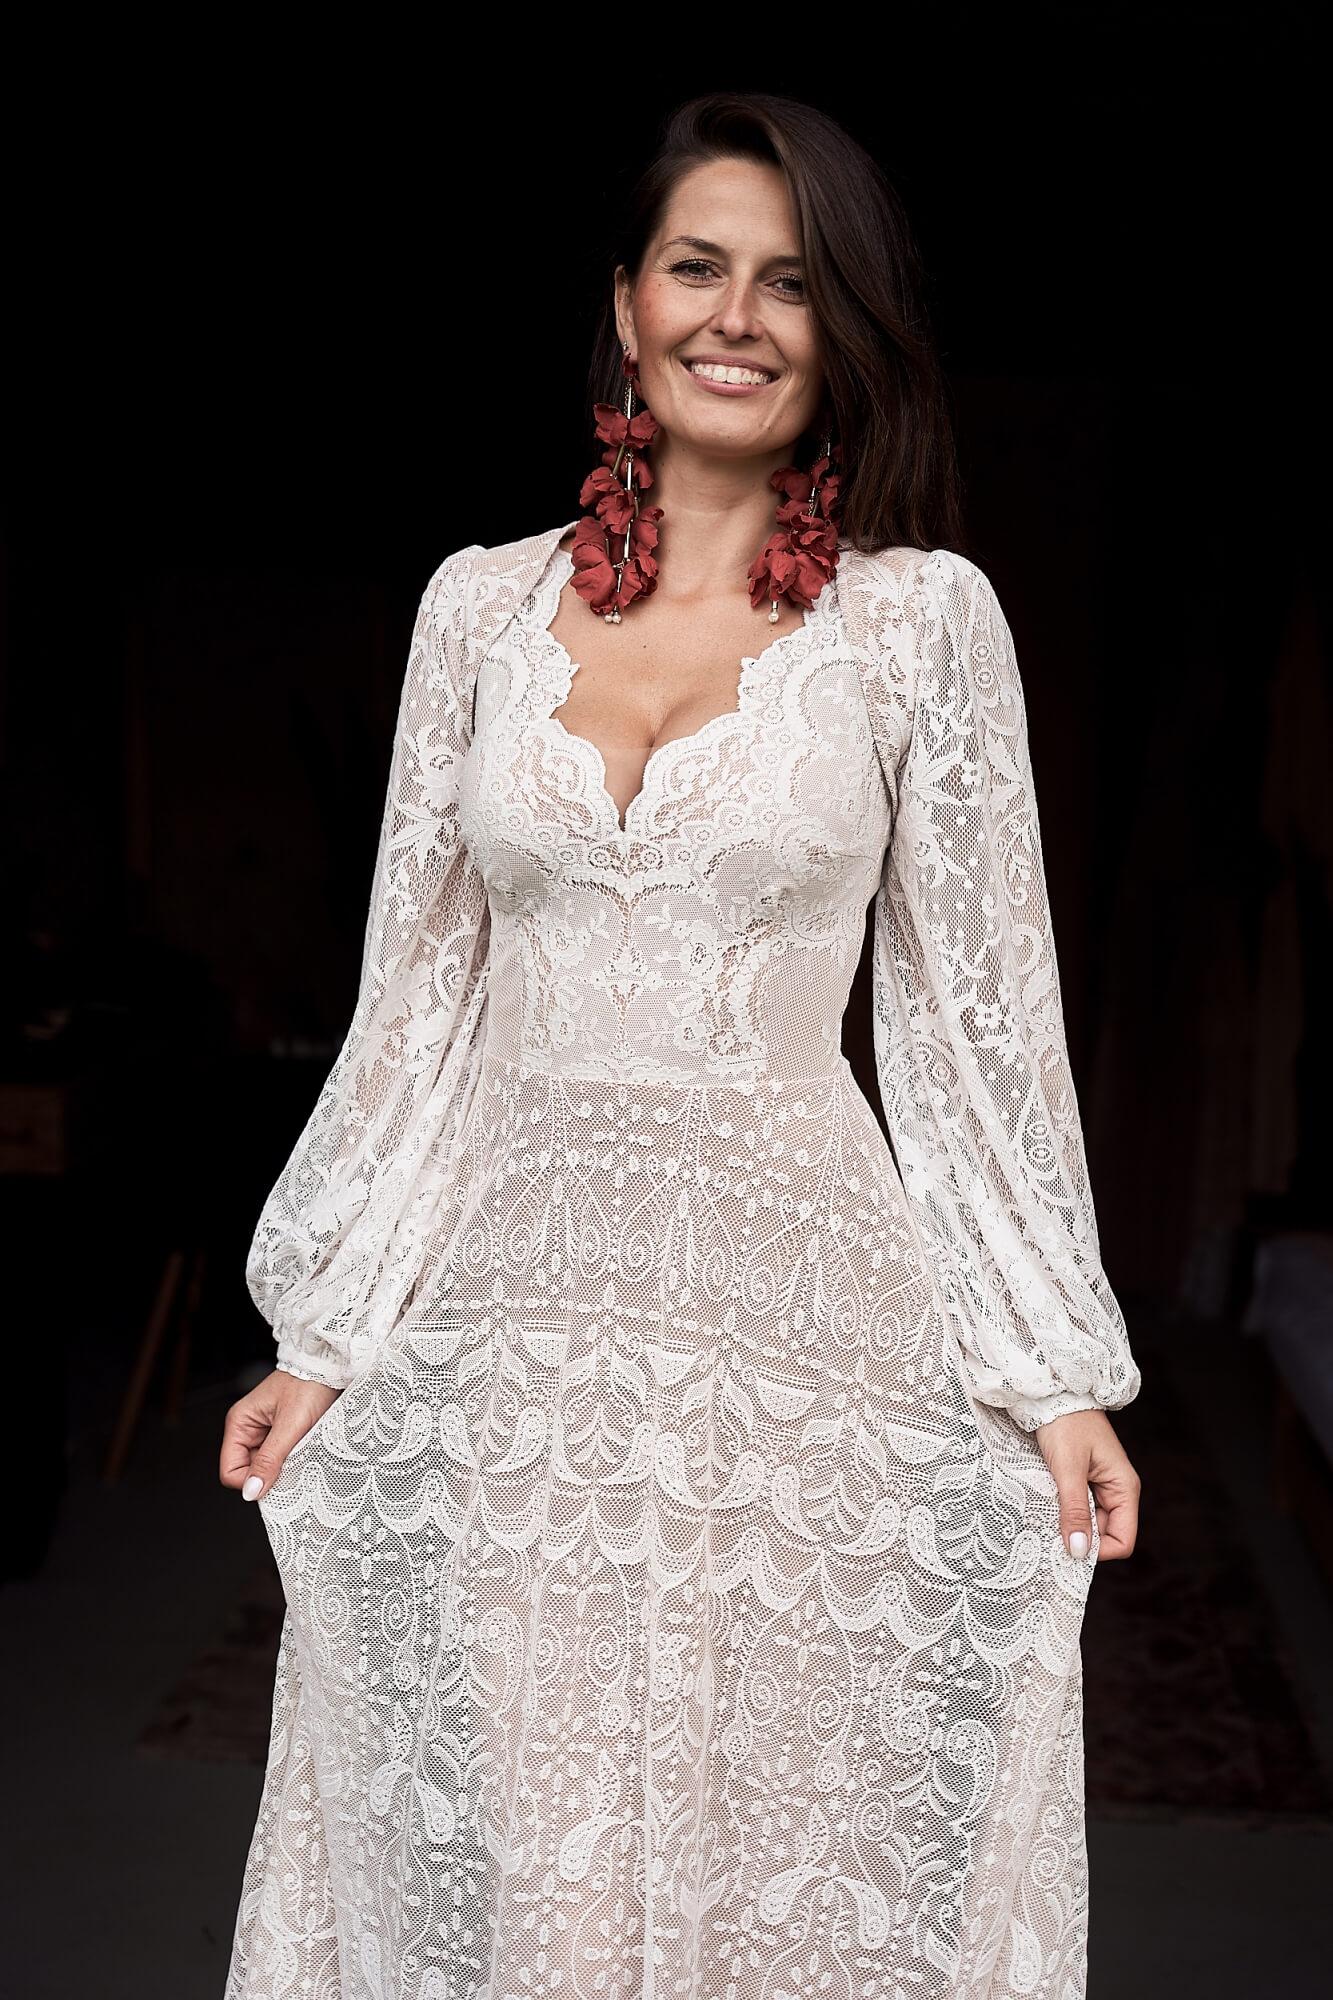 Ślubne bolerko koronkowe w odcieniach ecru, ivory, ciepłej bieli